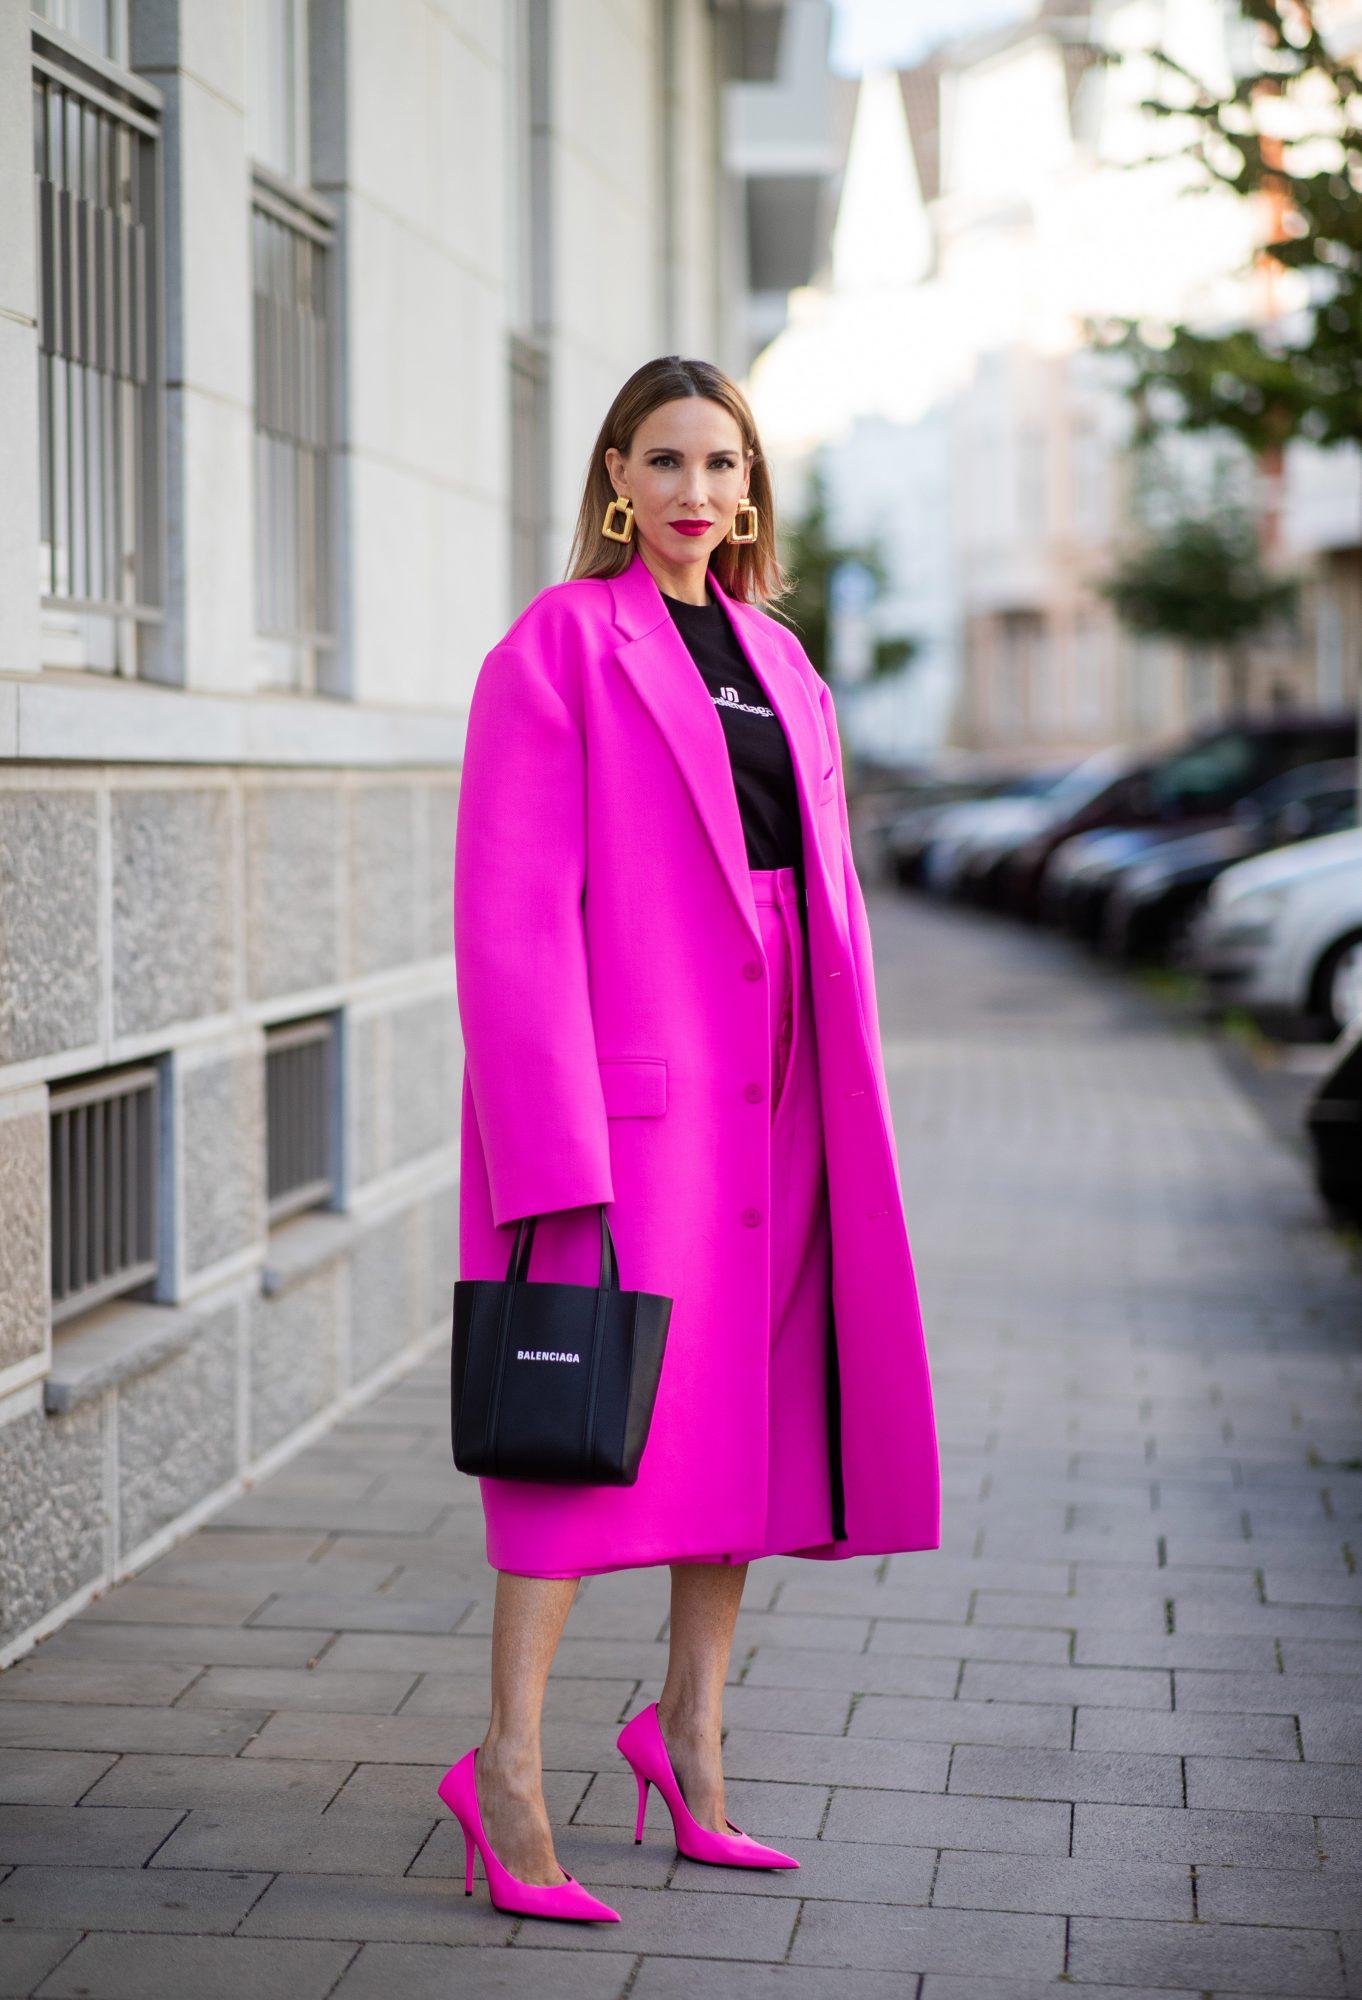 Màu hồng bỗng nhiên trở thành hot trend cho mùa đông năm nay - 4